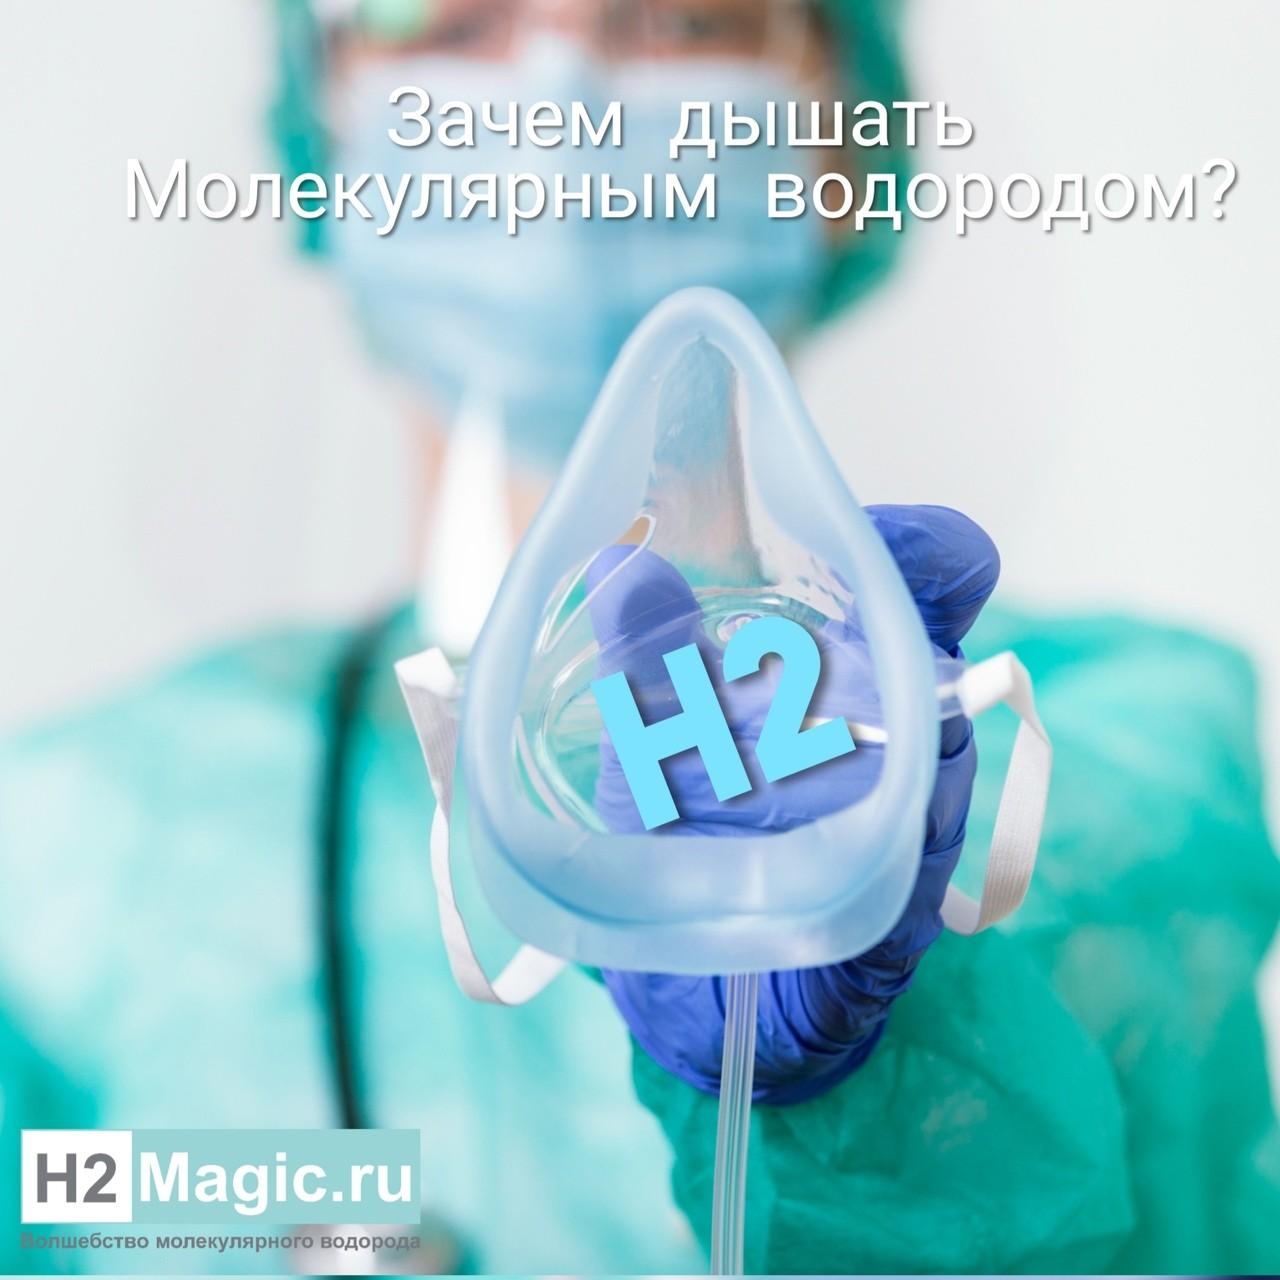 Зачем дышать молекулярным водородом?